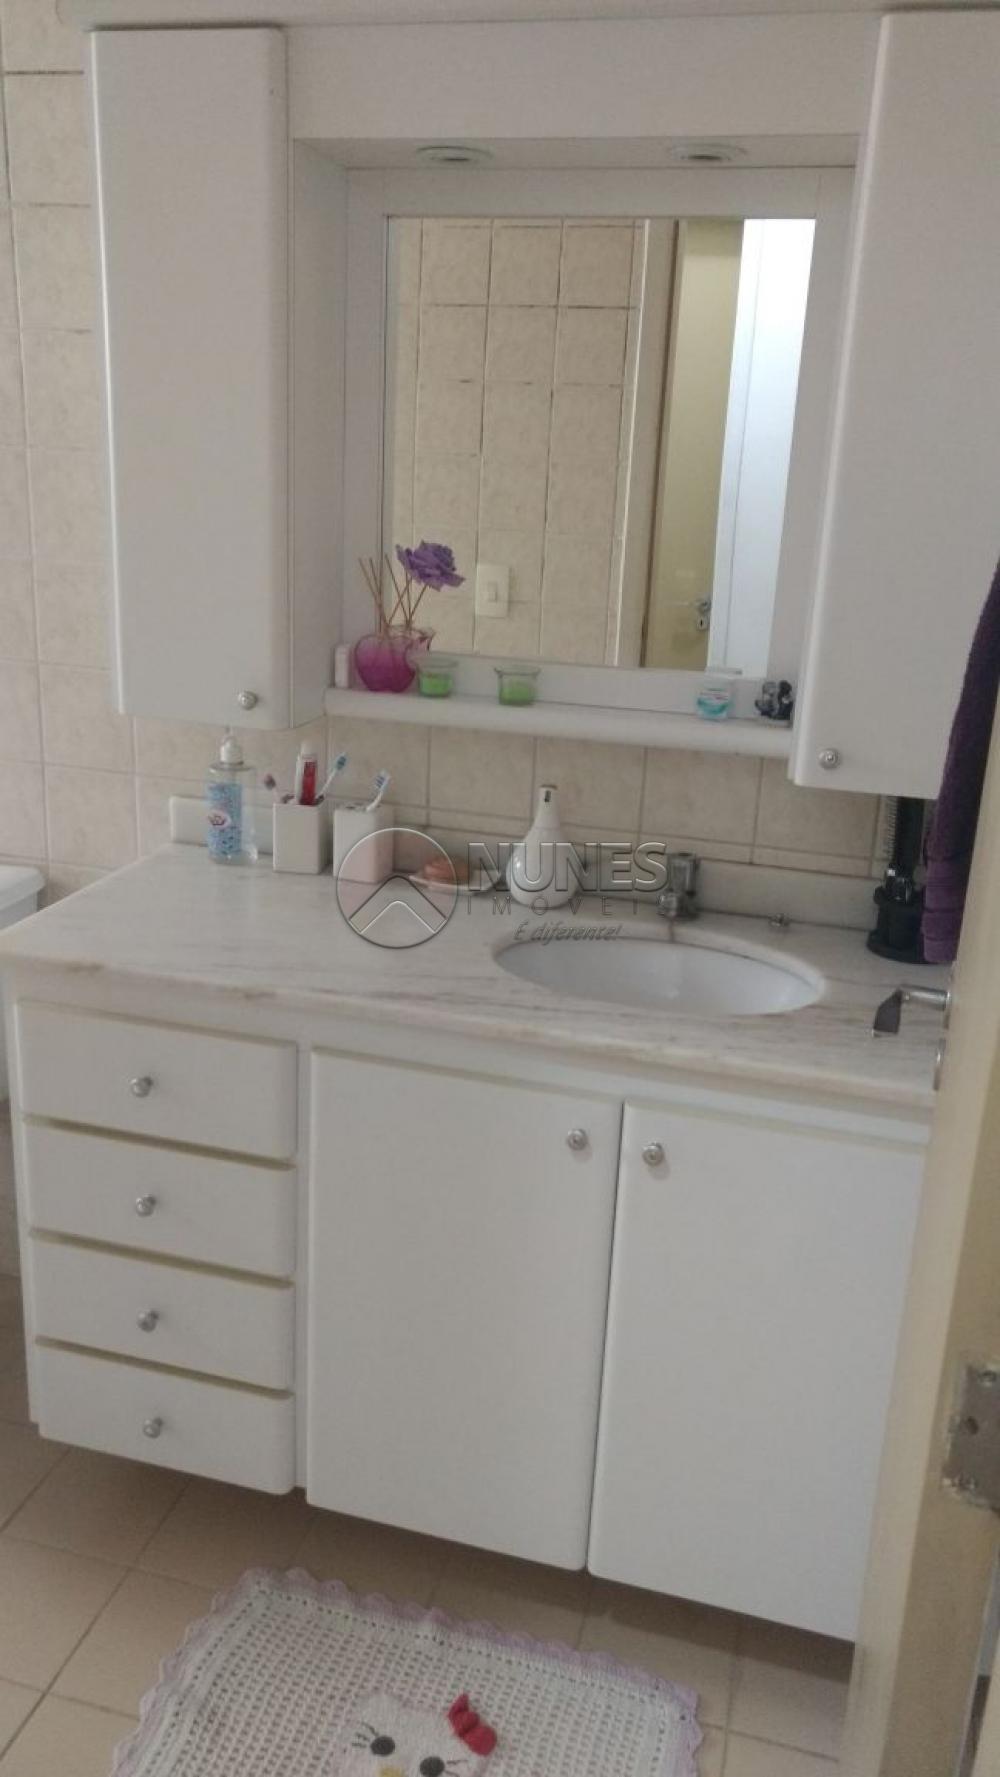 Comprar Apartamento / Padrão em Osasco apenas R$ 252.000,00 - Foto 10